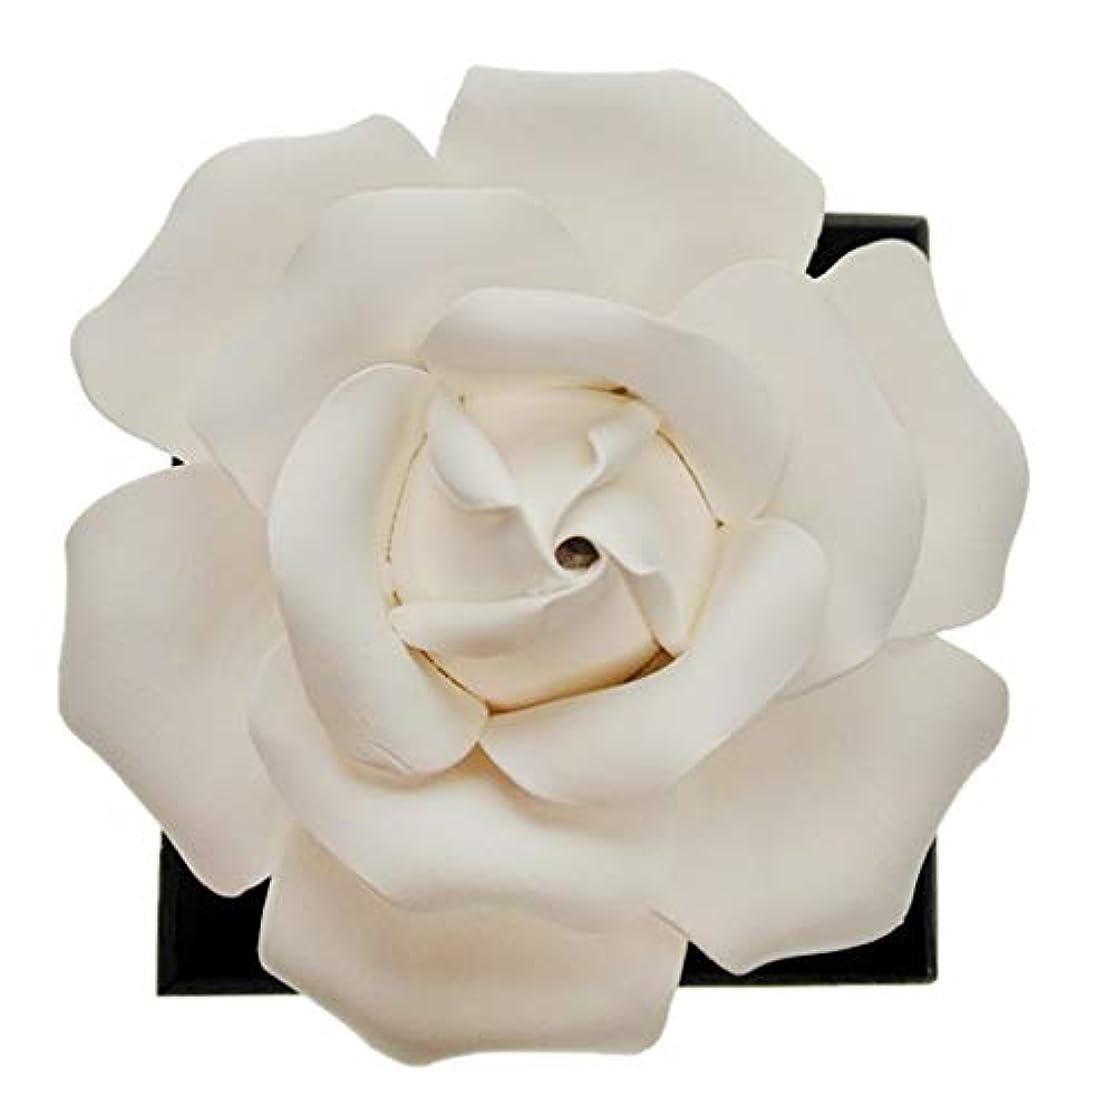 休眠オプショナルエゴマニアB Blesiya ローズフラワー エッセンシャルオイル 香水 香りディフューザー 装飾品 工芸品